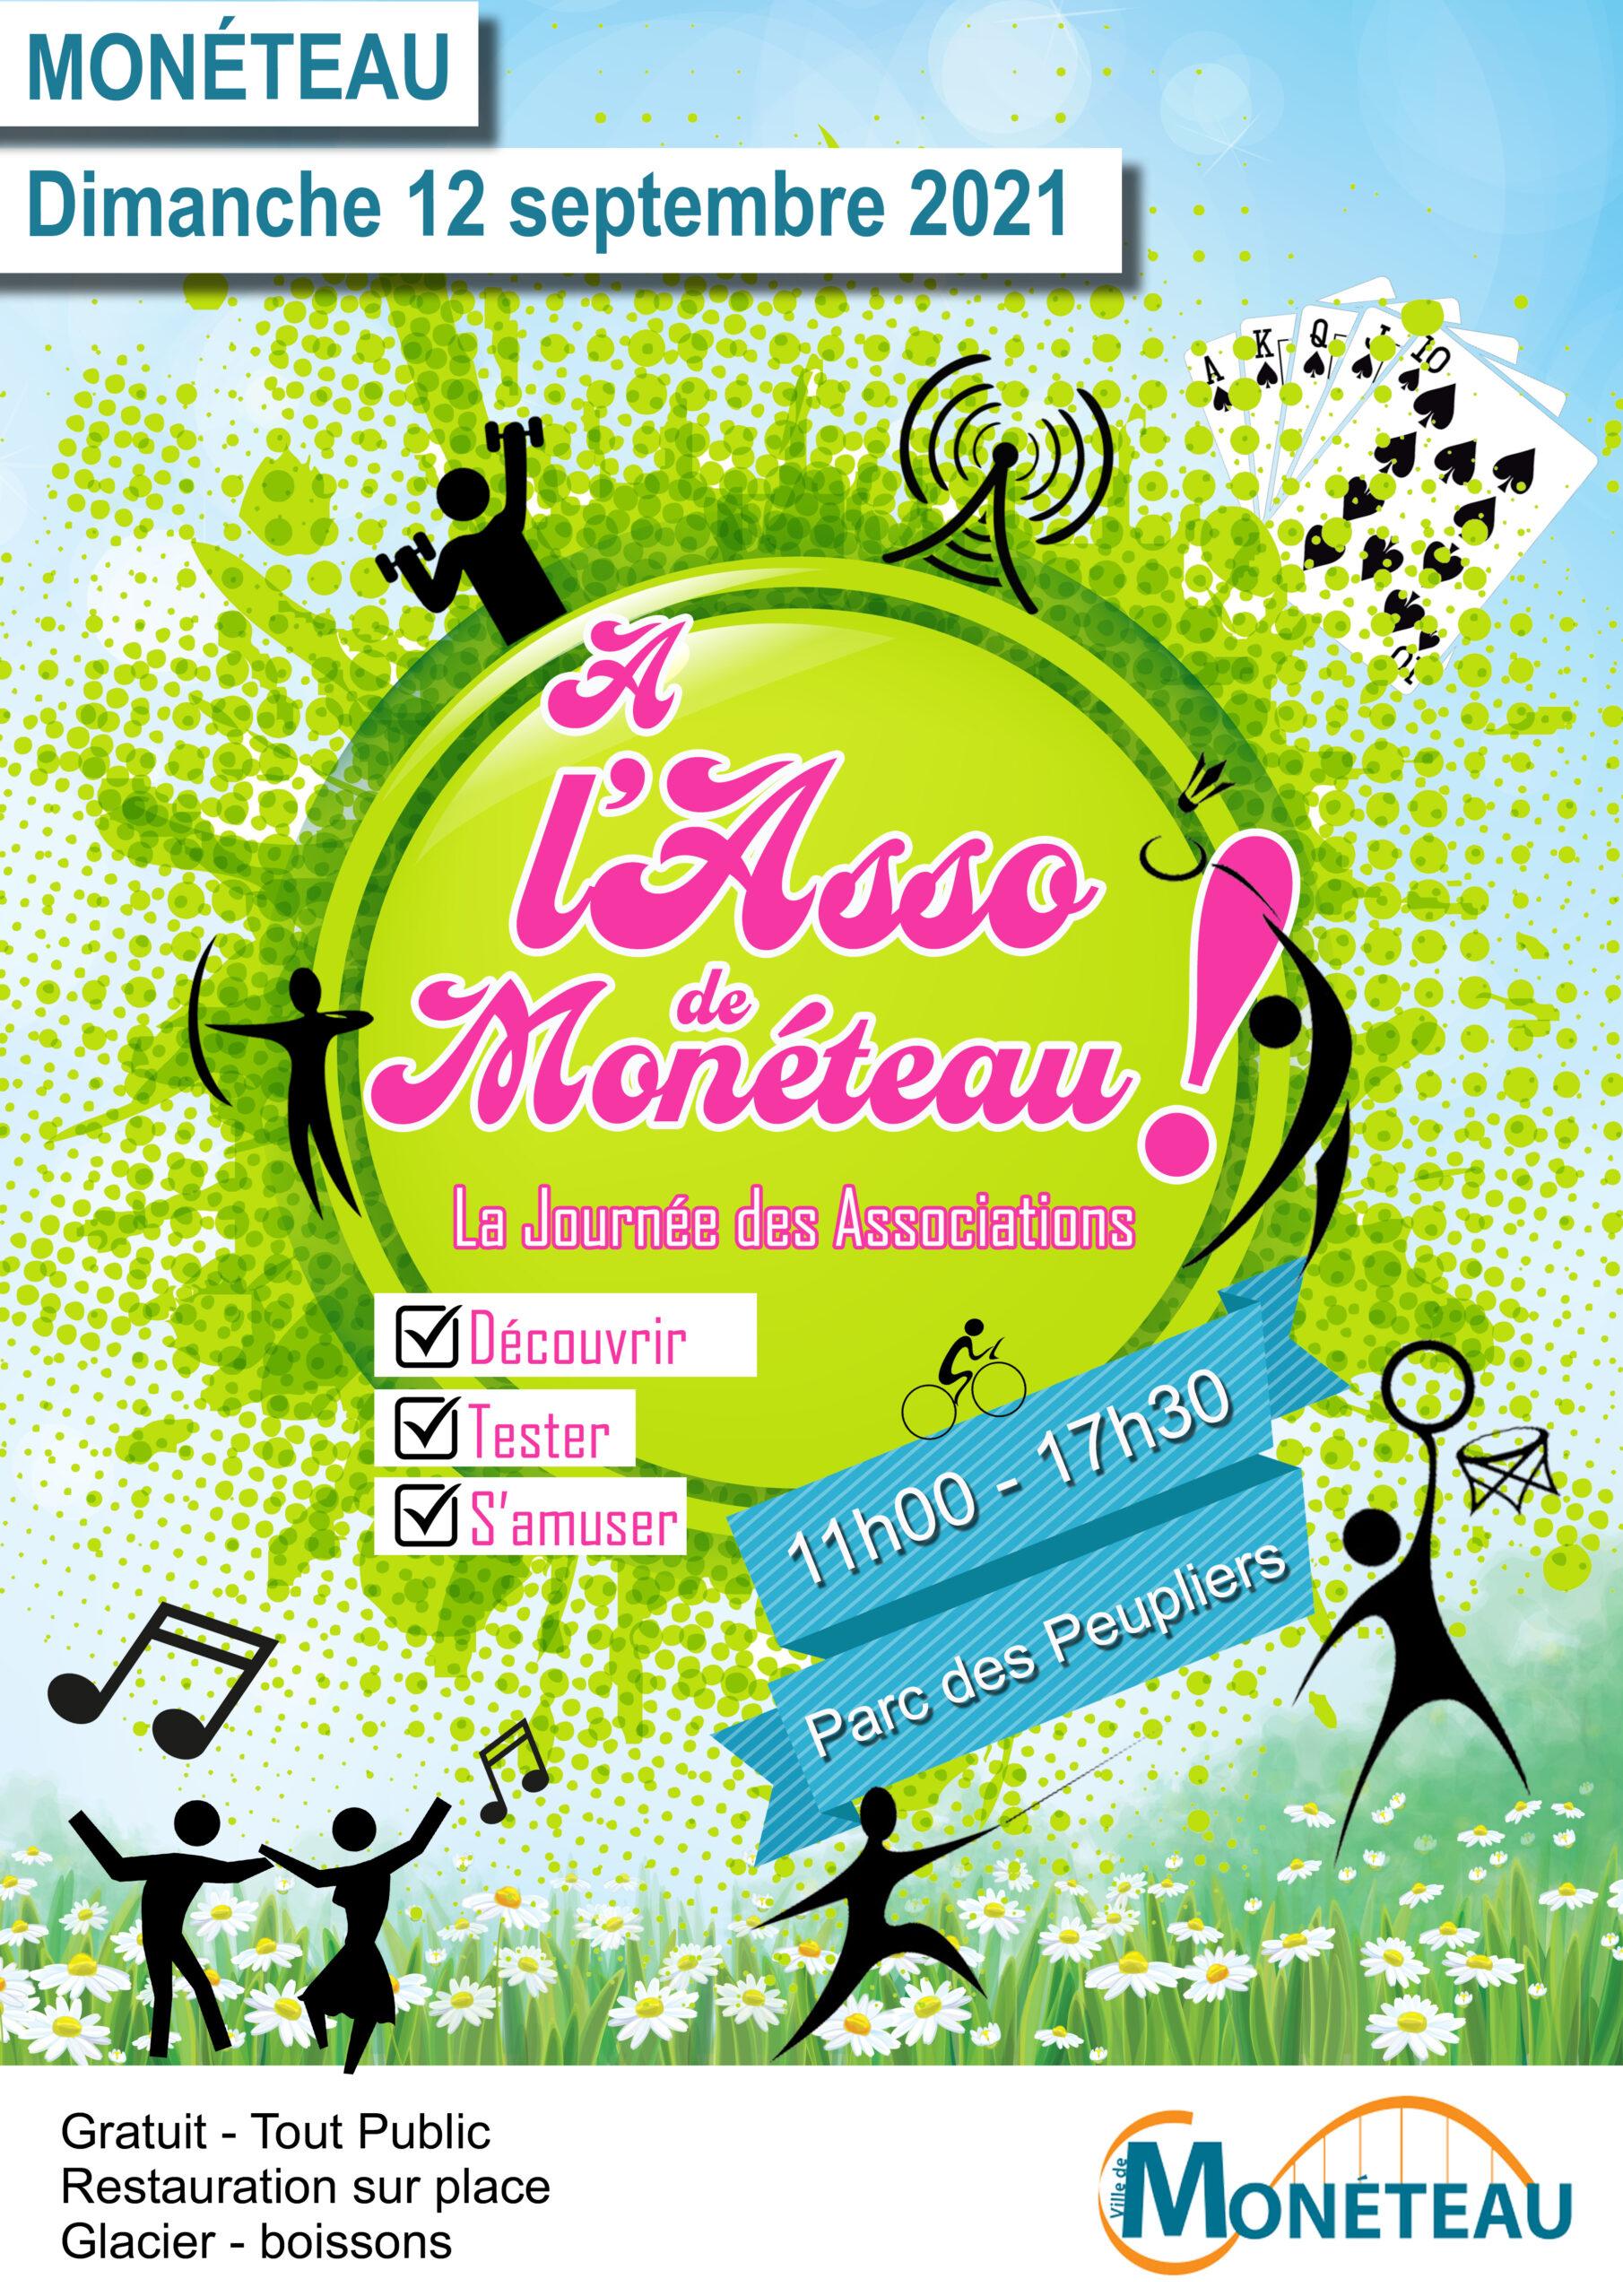 Evénément : A l'Asso de Monéteau le 12 septembre 2021